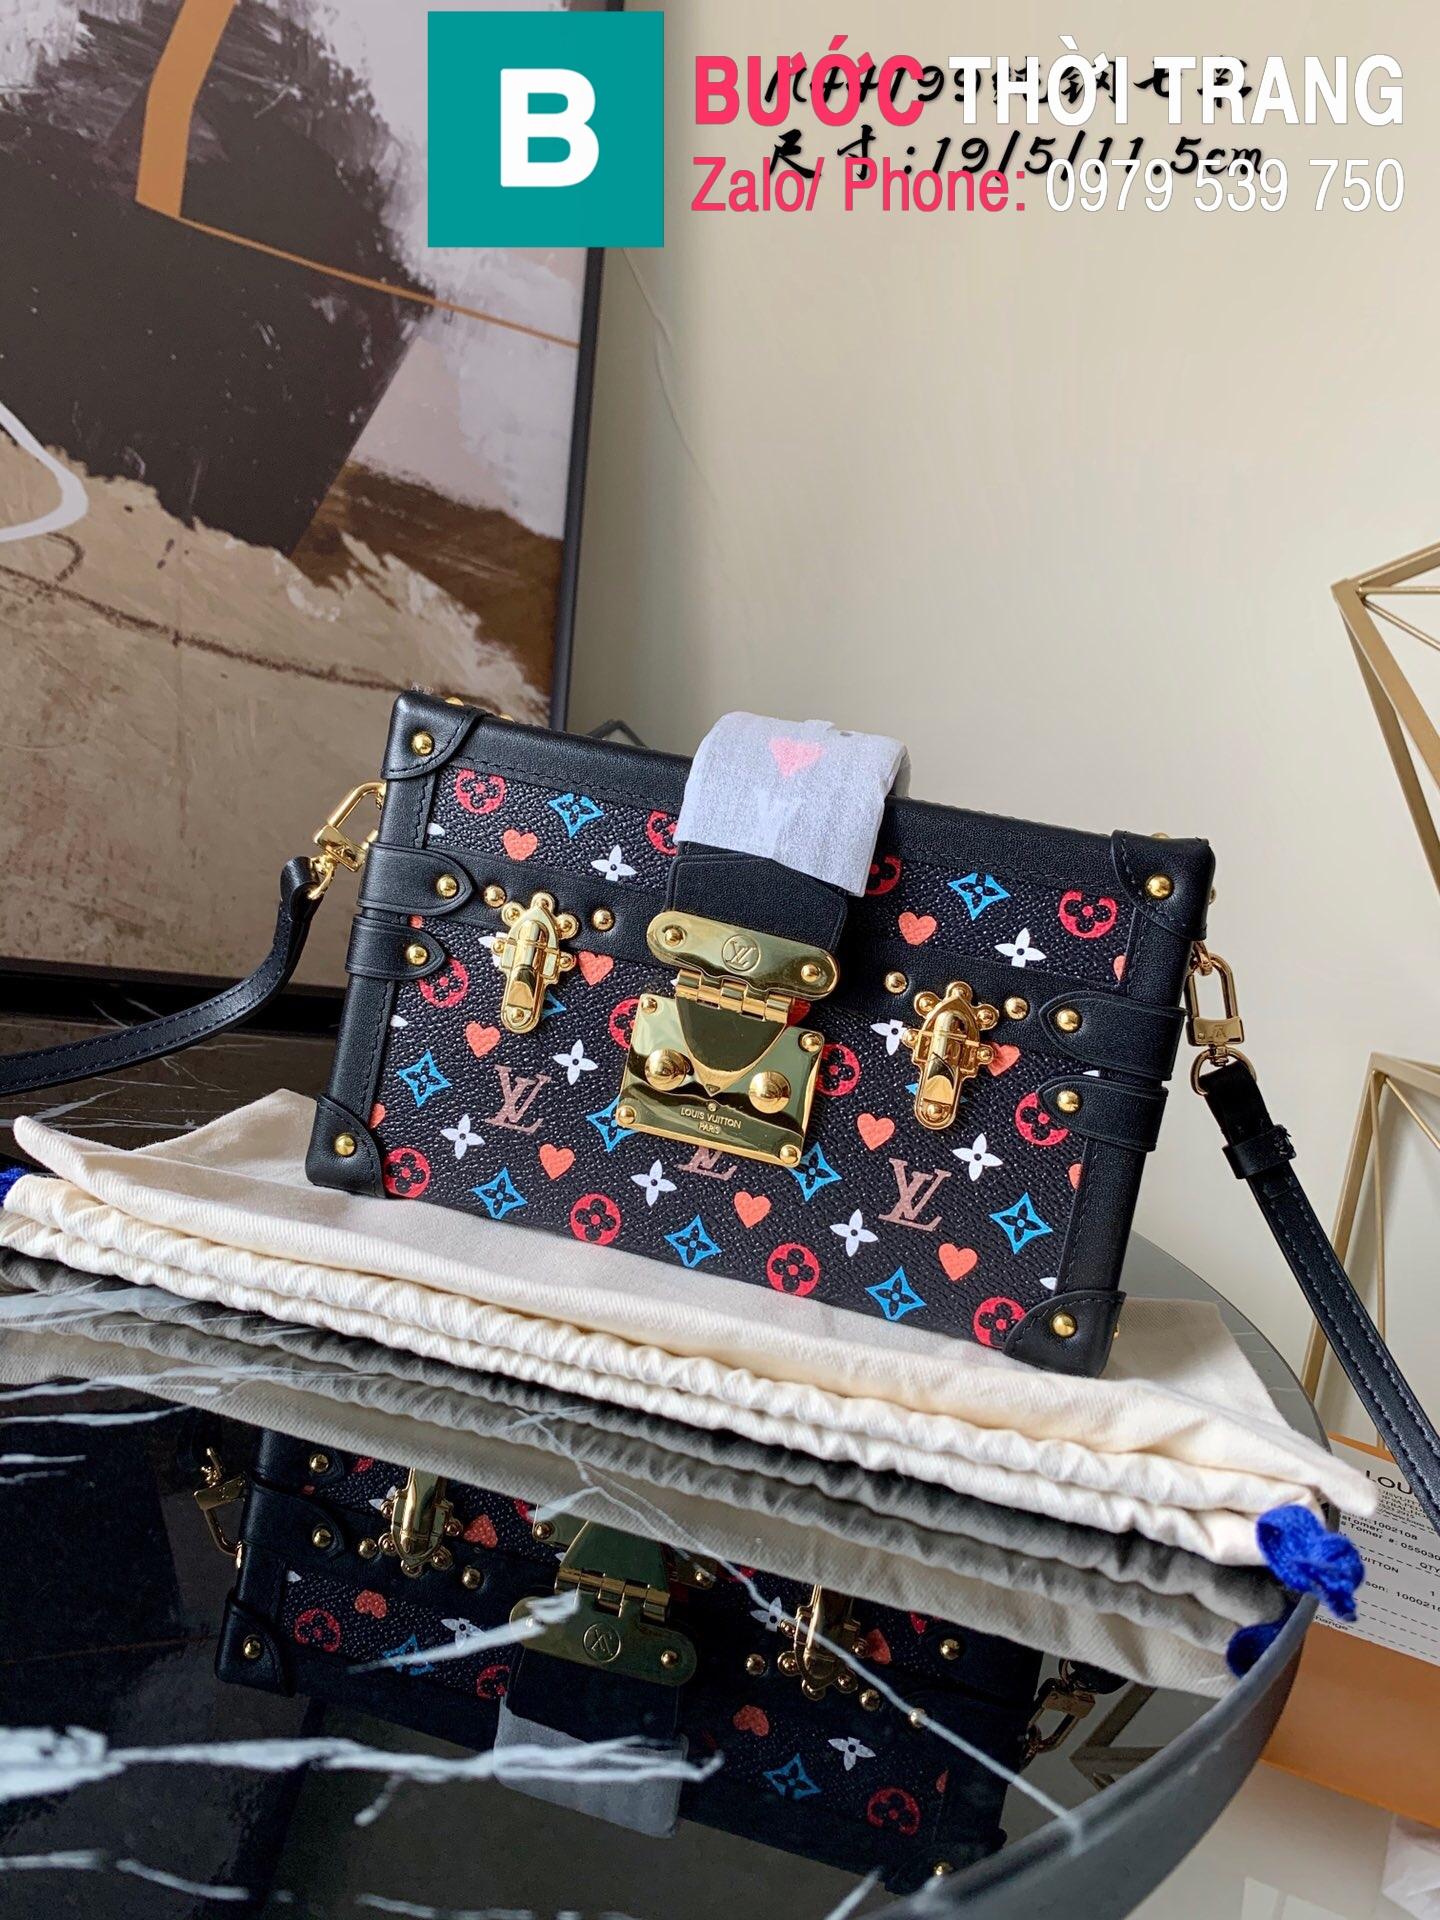 Túi xách LV Louis Vuitton Petite Malle (73)